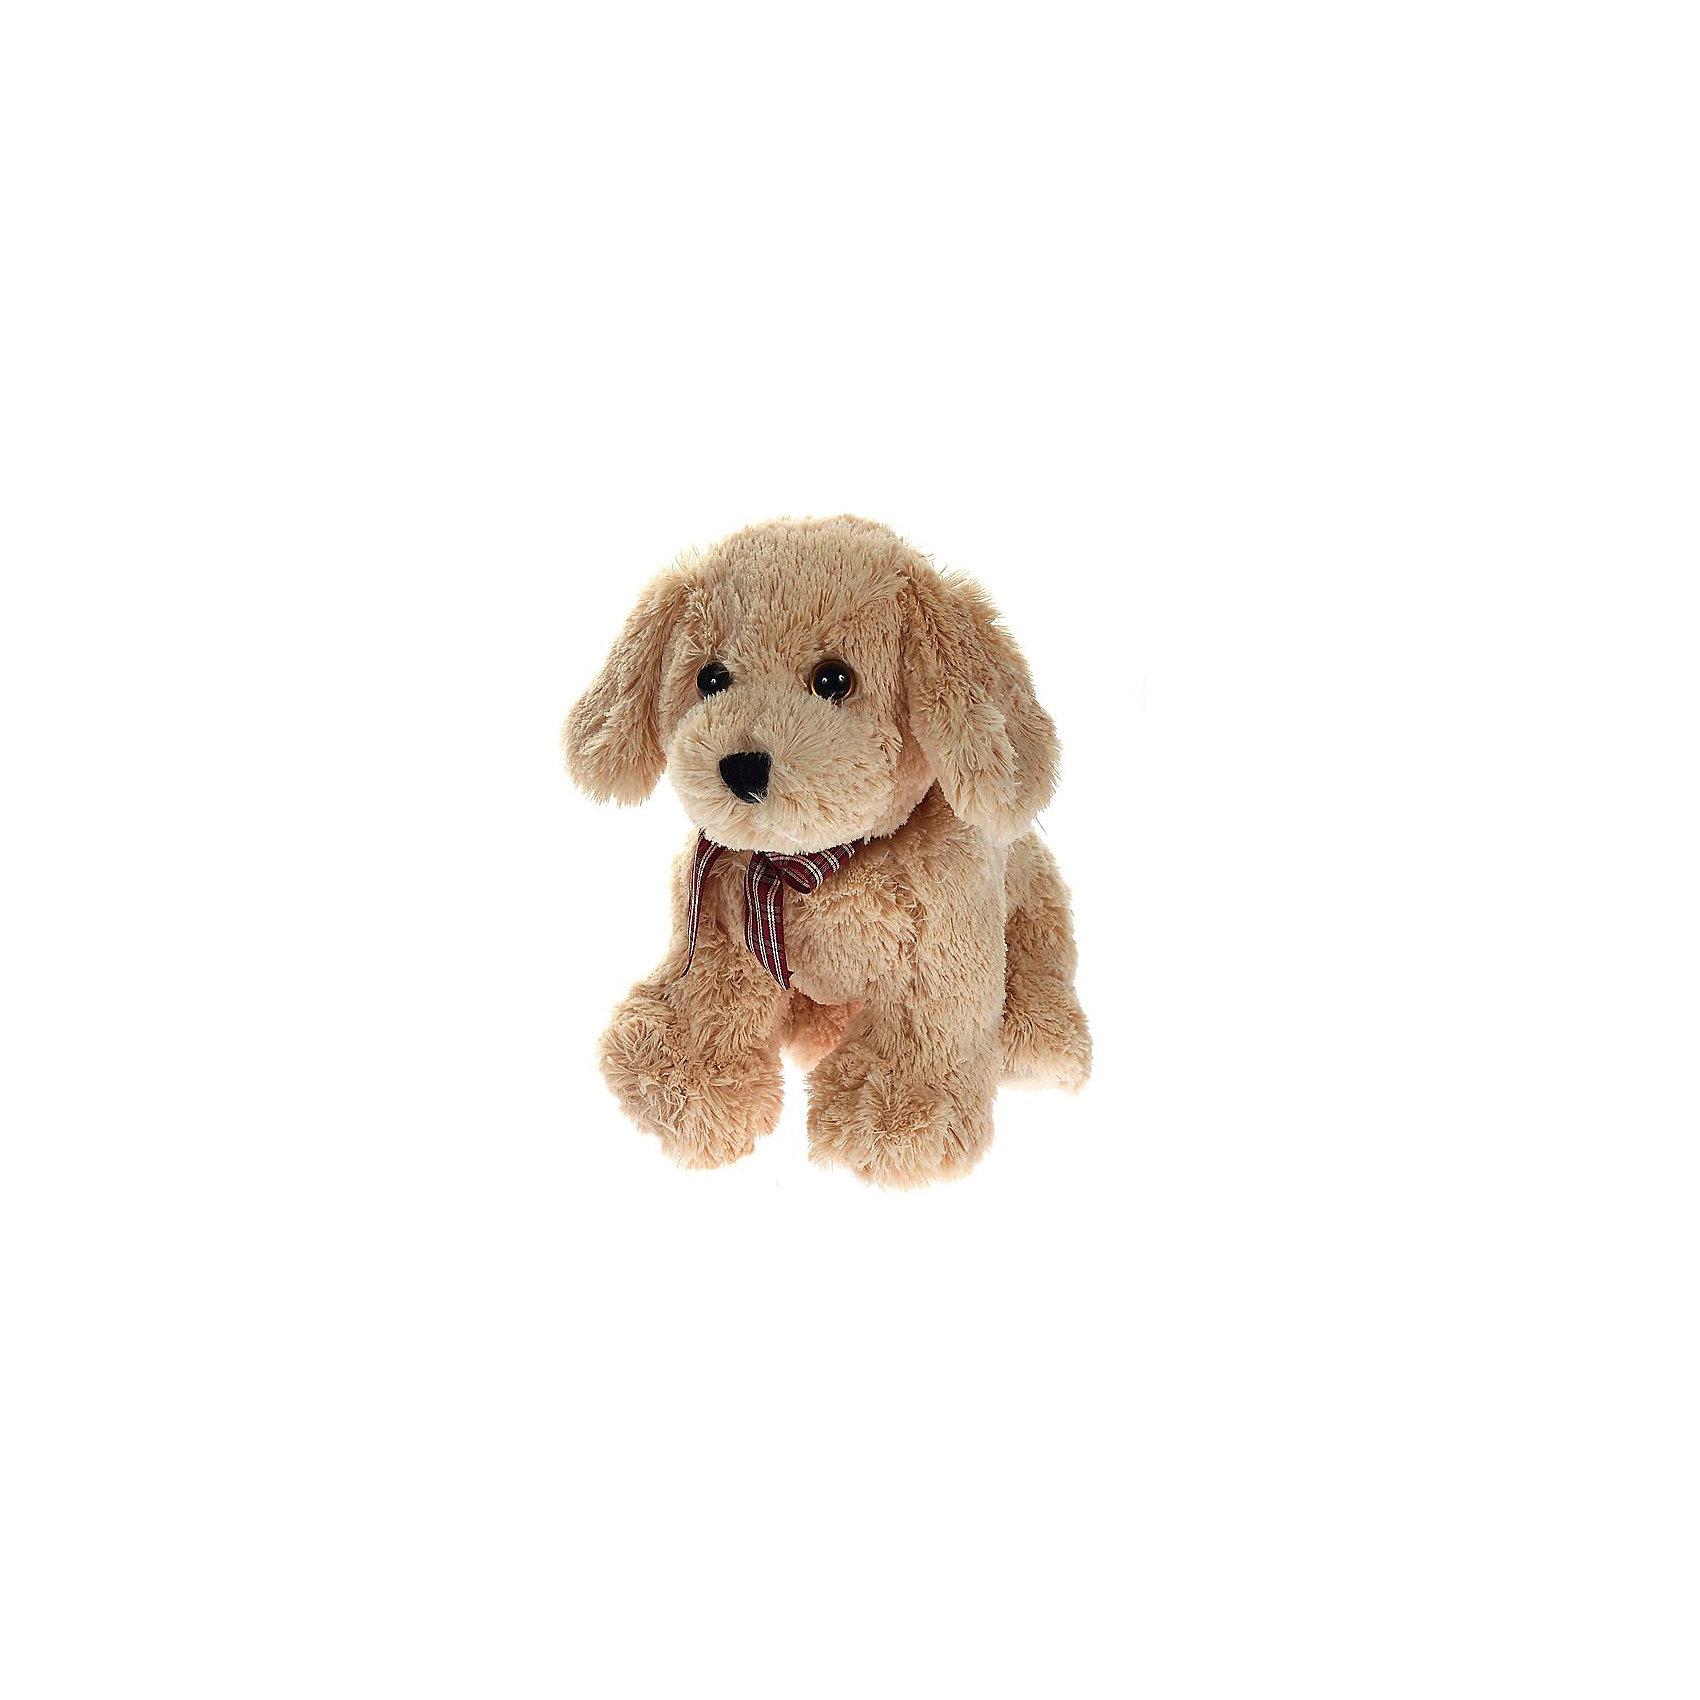 Мягкая игрушка Щенок (бежевый) Goldwyn, 25 см, Classic, TyМягкая игрушка Щенок (бежевый) Goldwyn, 25 см, Classic, Ty (Тай)<br><br>Характеристики:<br><br>• способствует развитию мелкой моторики<br>• приятный на ощупь<br>• высота игрушки: 25 см<br>• не содержит токсичных материалов, опасных для здоровья ребёнка<br>• материал: ткань, искусственный мех, пластик <br>• наполнитель: синтепон<br>• вес: 267 грамм<br><br>Малыш Goldwyn станет верным другом для вашего малыша. Щенок имеет невероятно милую мордашку, которая не оставит равнодушными детей и взрослых. Щенок изготовлен из мягкого, приятного материала. А внутренние гранулы способствуют развитию мелкой моторики и тактильных ощущений. На шее щенка красуется клетчатый бант, который делает Goldwyn еще более милым и привлекательным.<br><br>Мягкую игрушку Щенок (бежевый) Goldwyn, 25 см, Classic, Ty (Тай) вы можете купить в нашем интернет-магазине.<br><br>Ширина мм: 250<br>Глубина мм: 250<br>Высота мм: 250<br>Вес г: 267<br>Возраст от месяцев: 36<br>Возраст до месяцев: 144<br>Пол: Унисекс<br>Возраст: Детский<br>SKU: 5399792